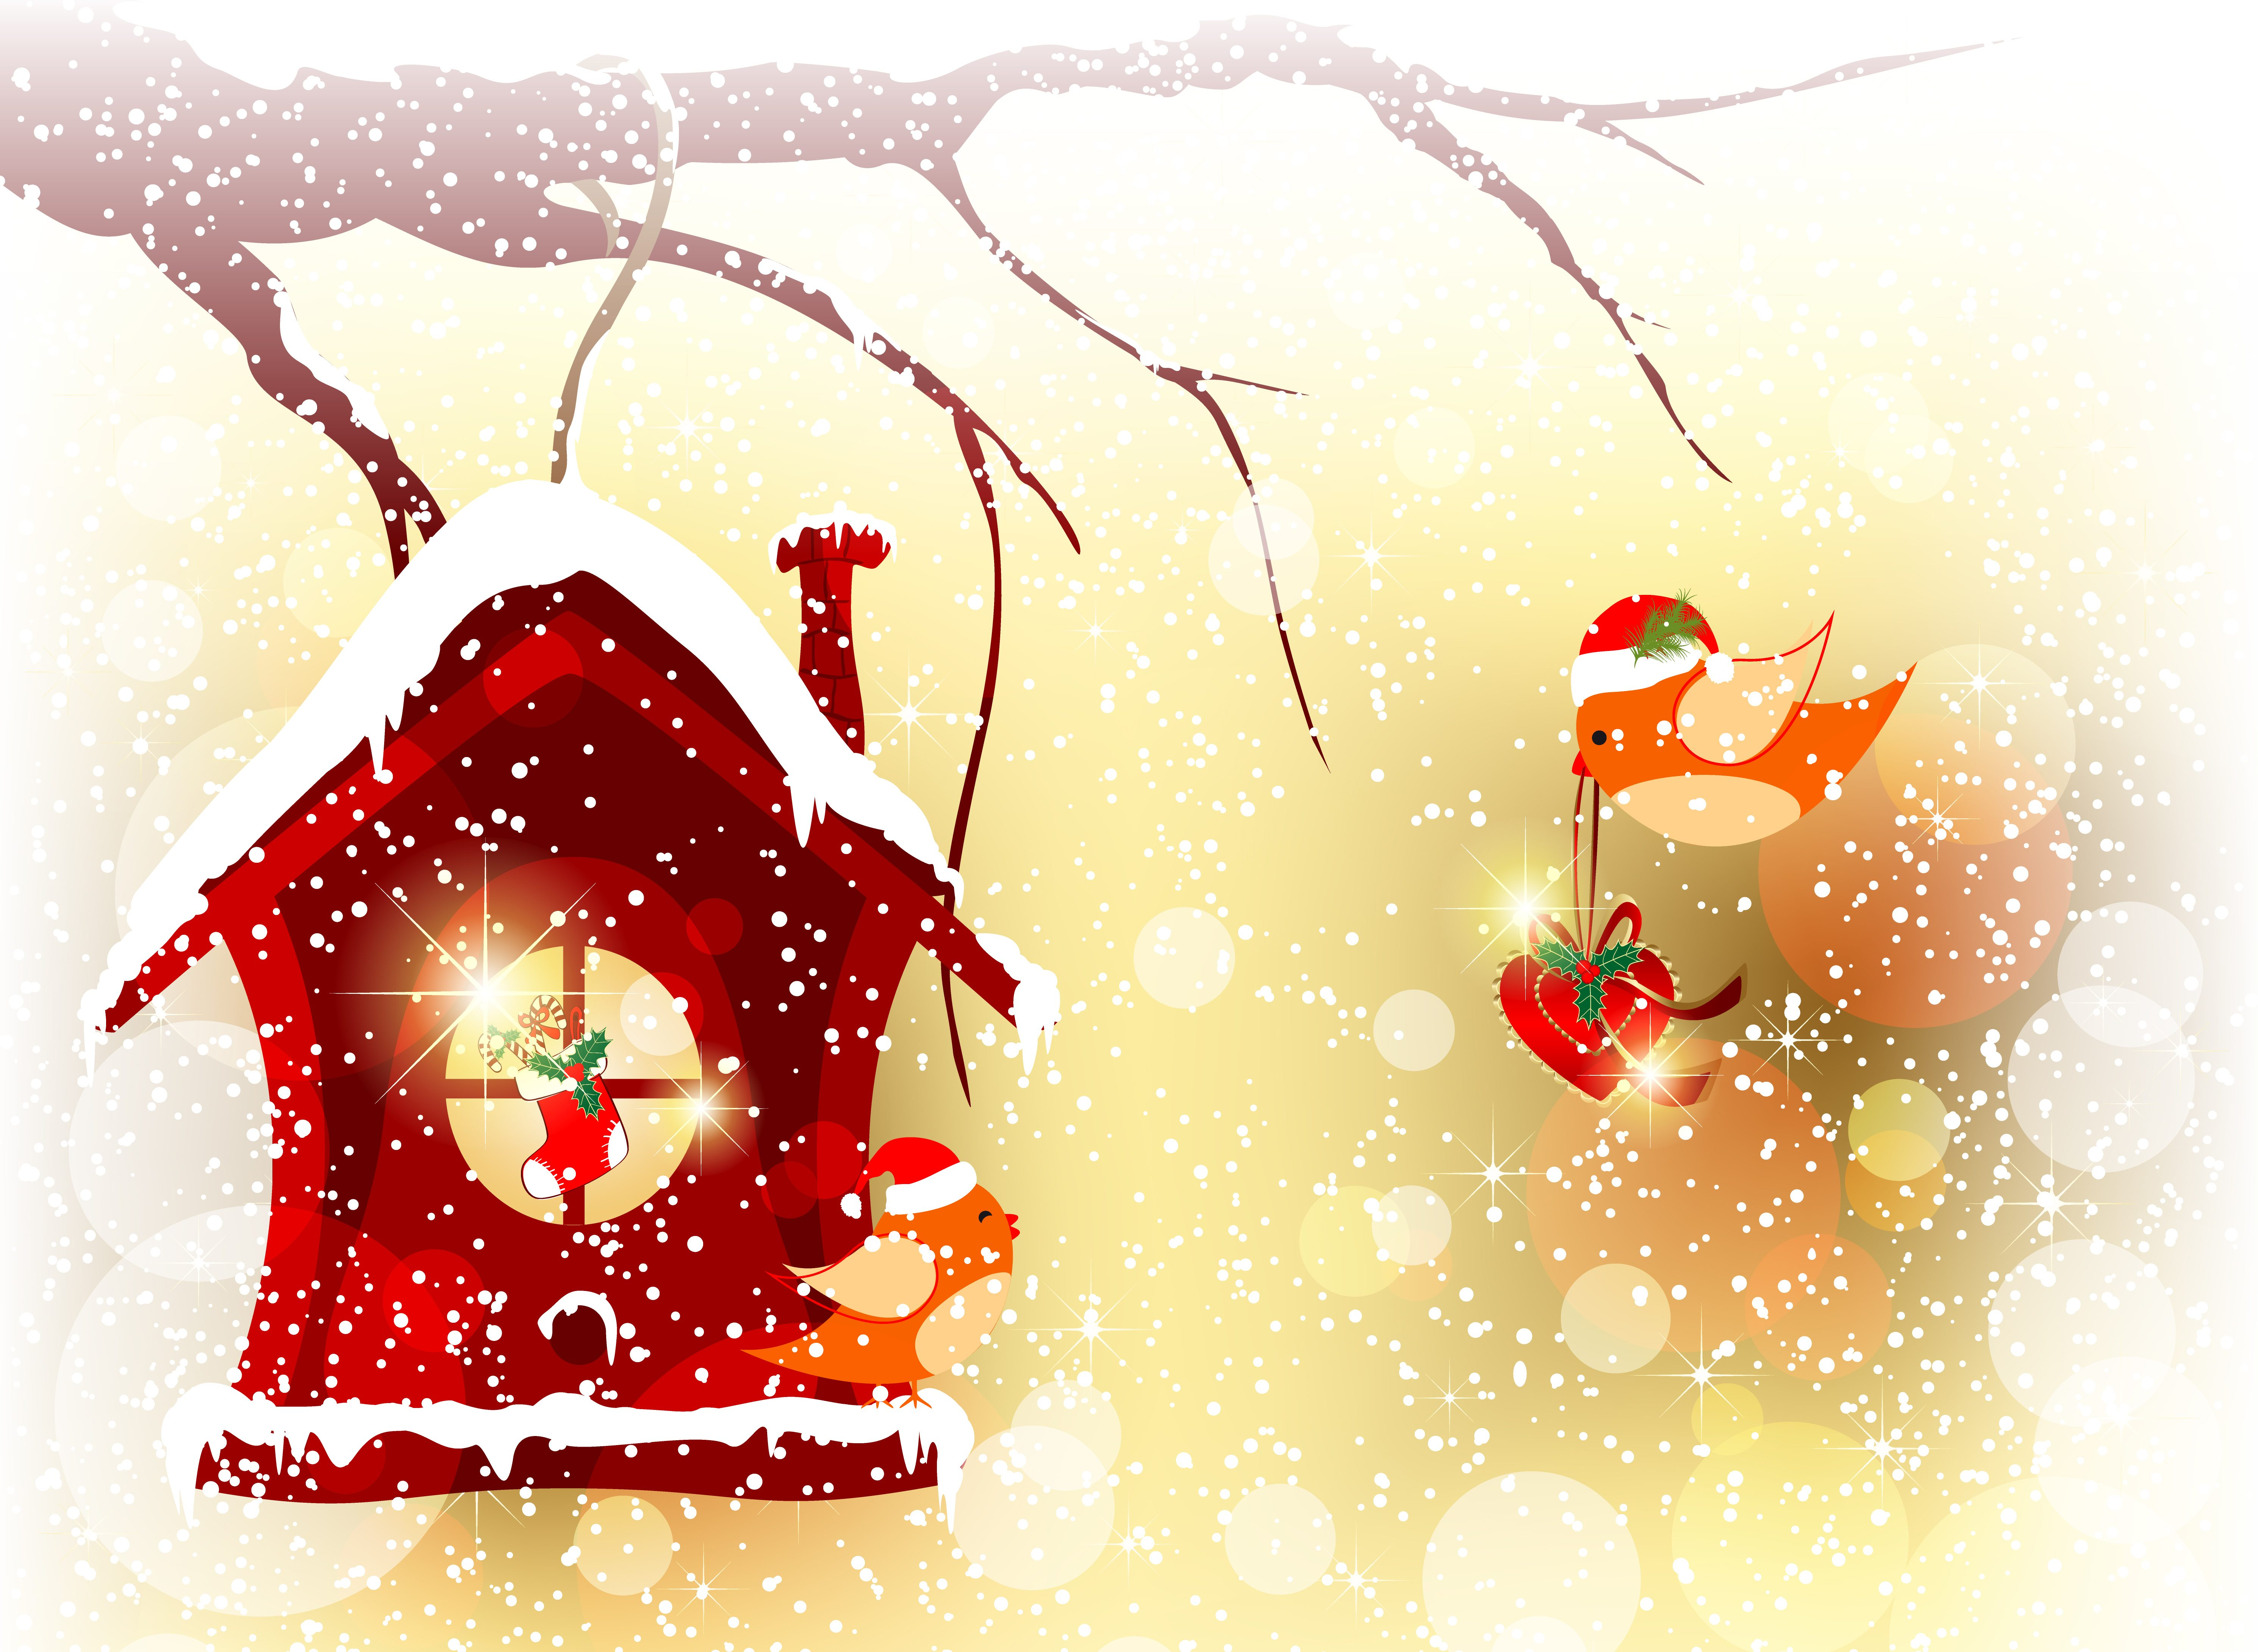 Картинки новогодние на рабочий стол бесплатно 13